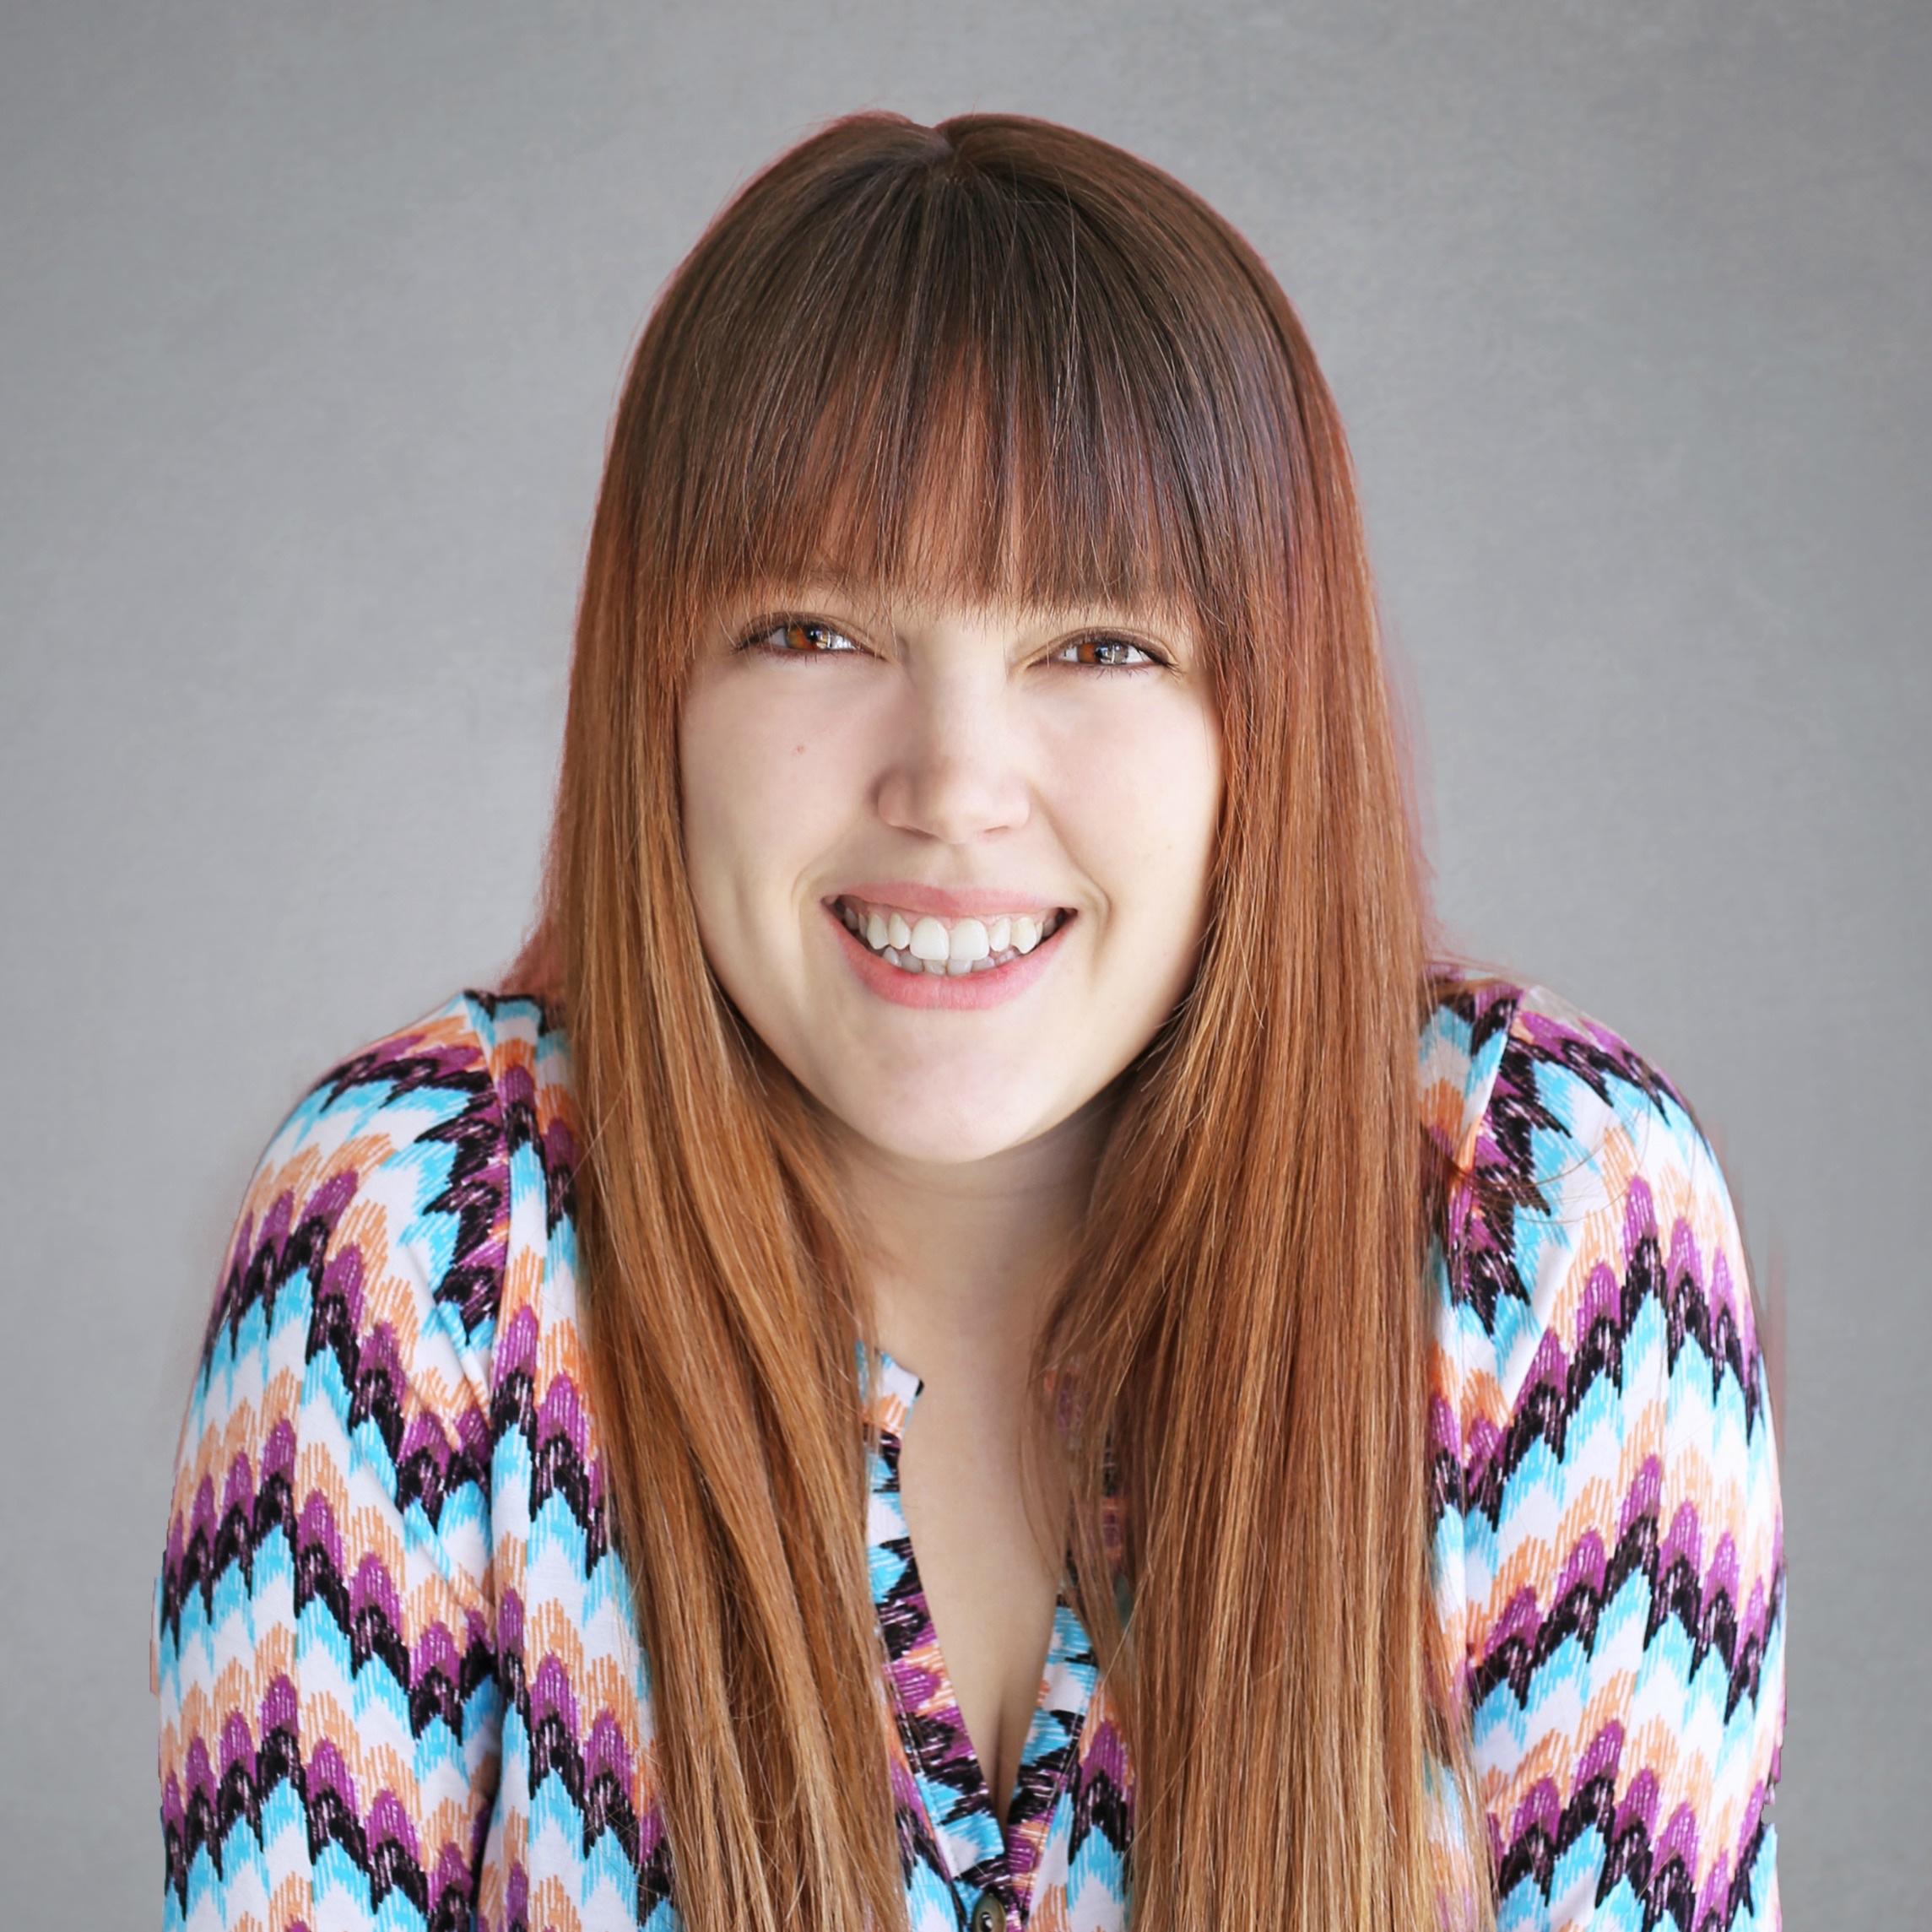 Alida Quittschreiber